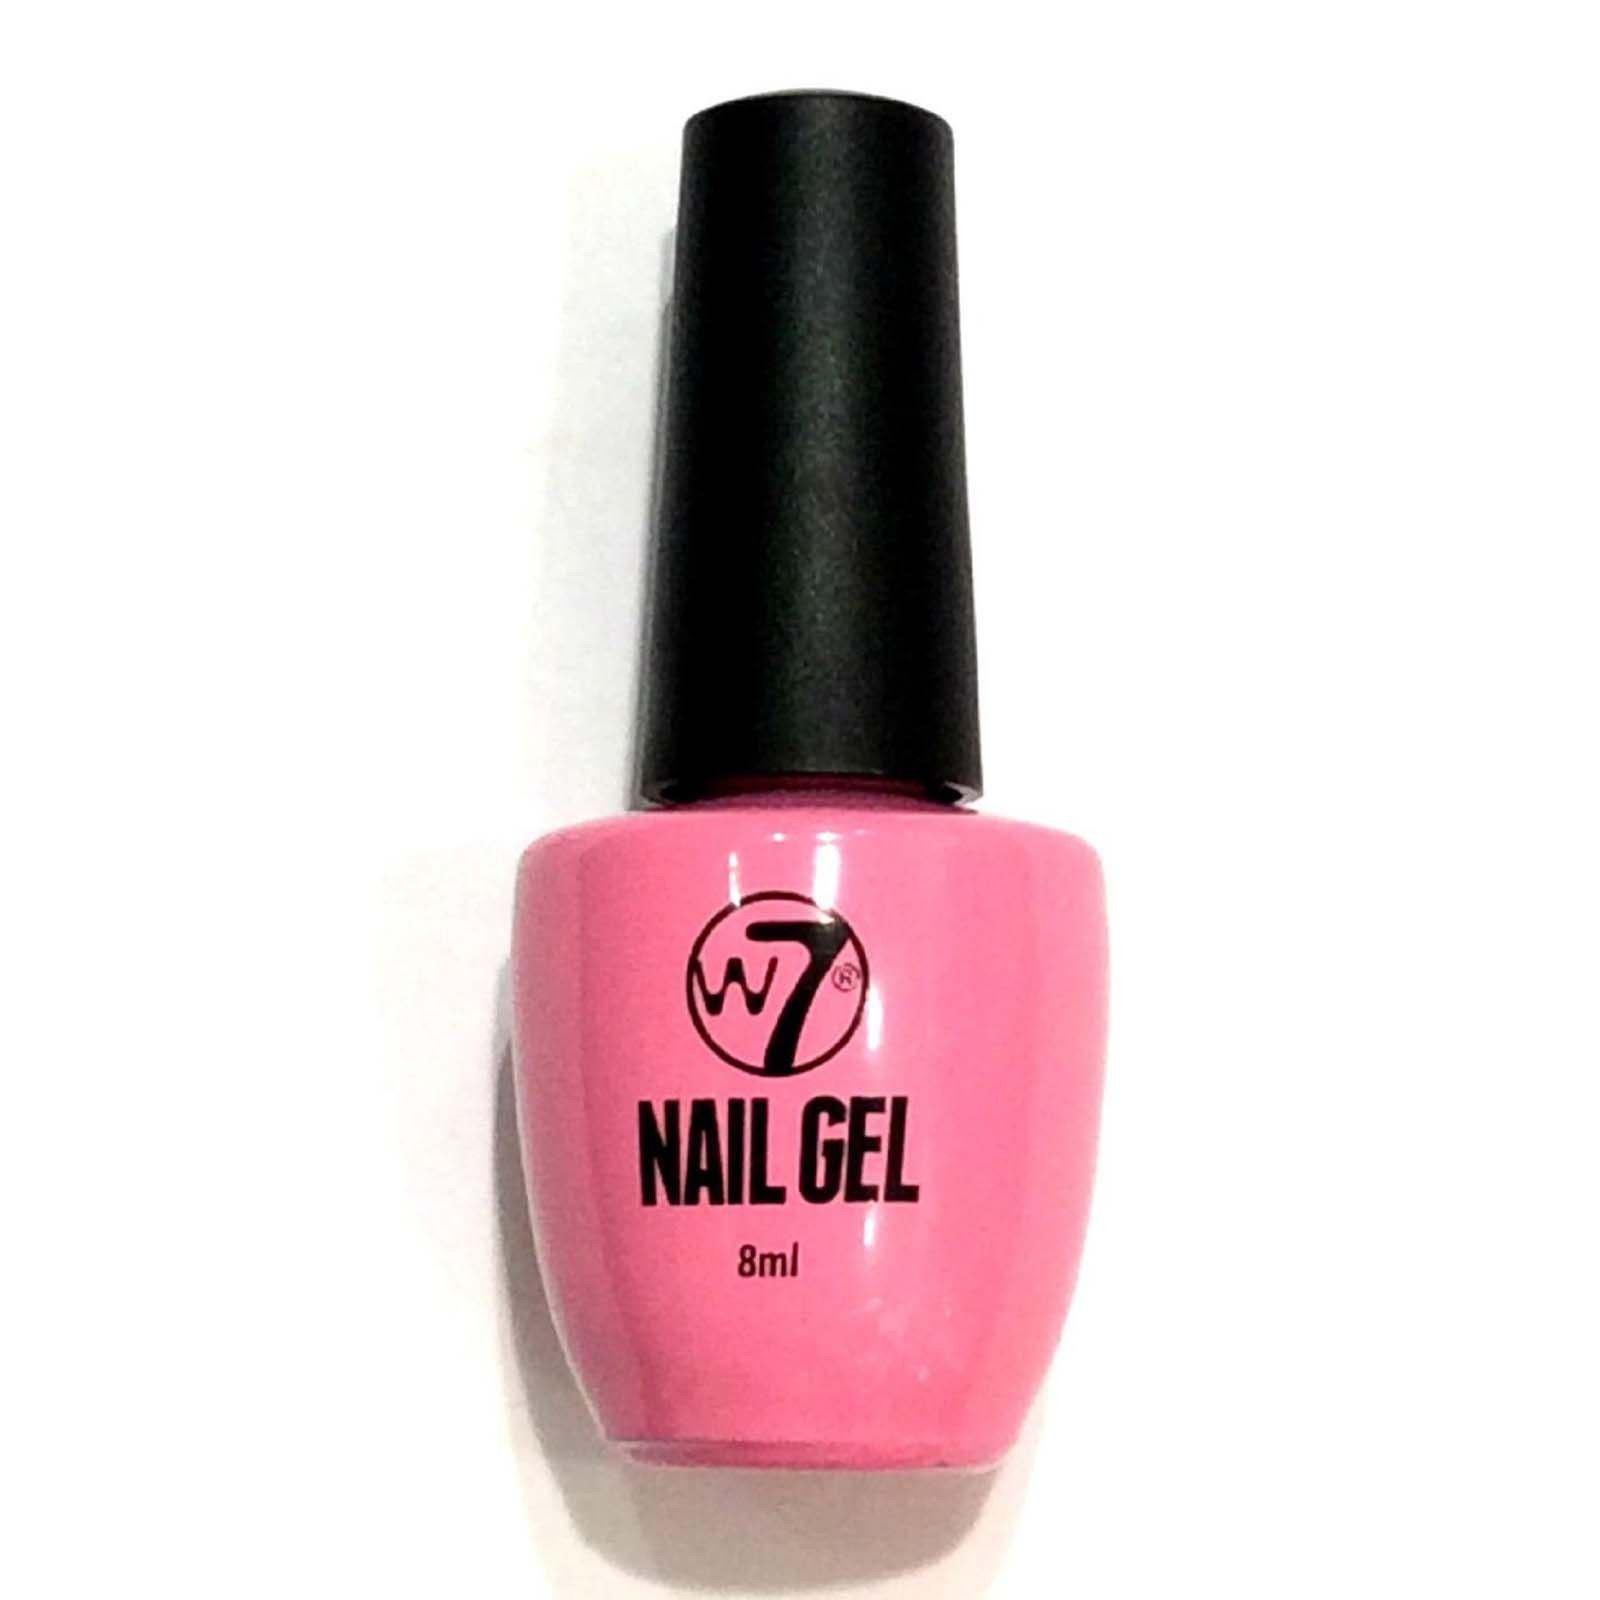 W7 Nail Gel - UV Long Lasting Nail Polish Manicure Nails | eBay